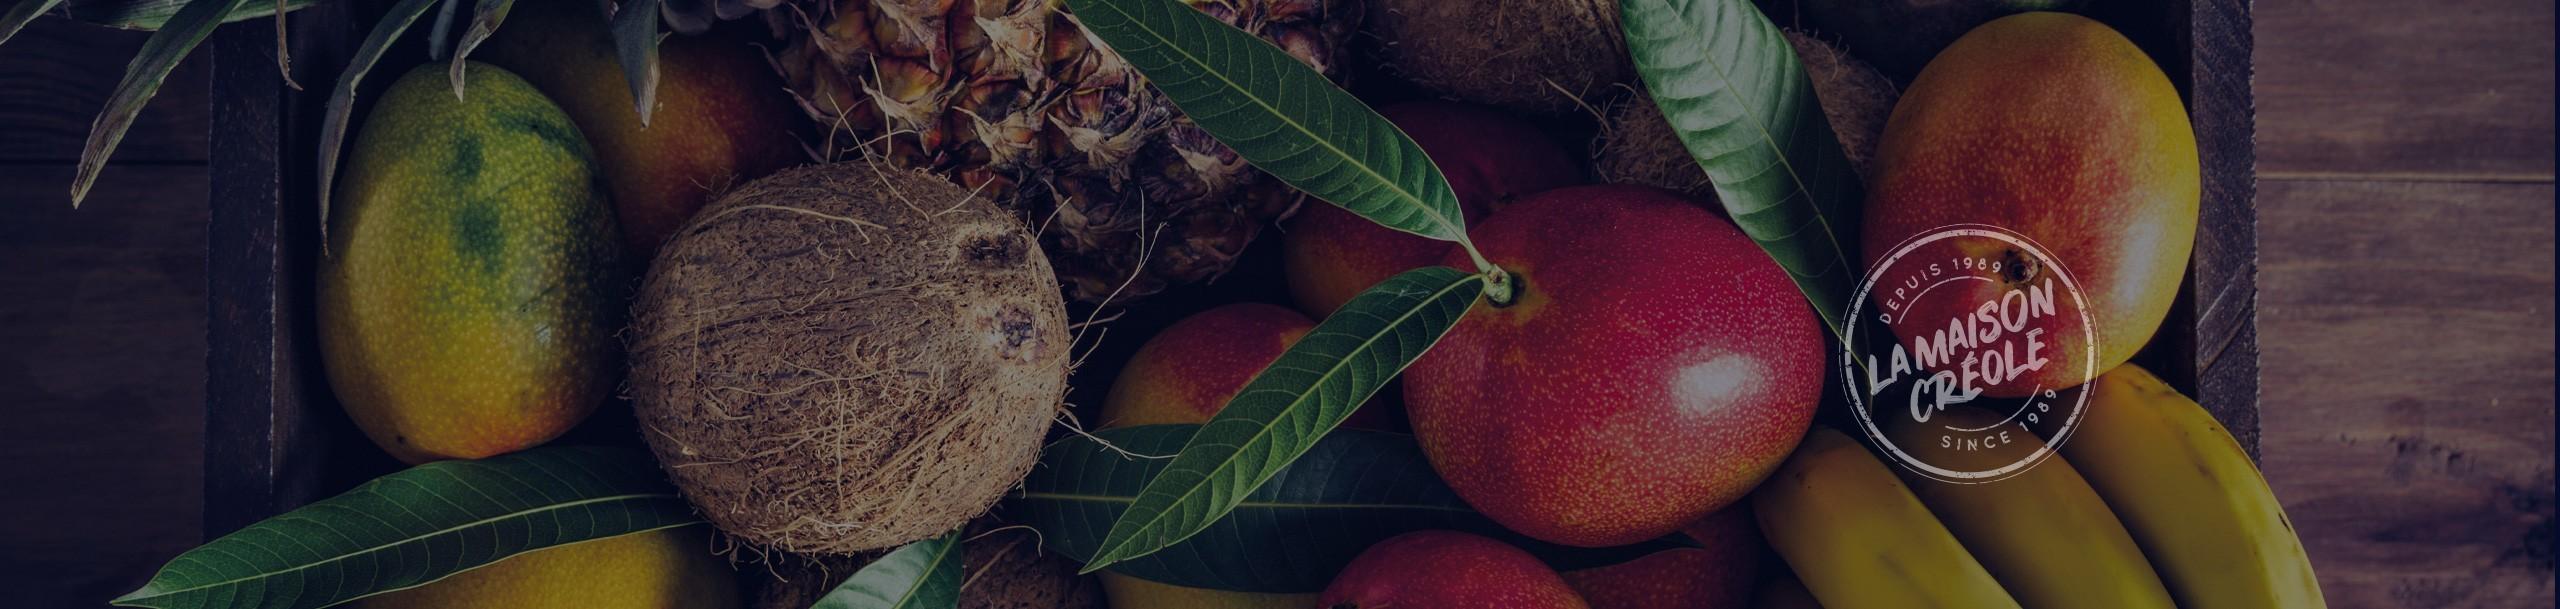 Macéo Tradition - Fruits et légumes tropicaux - Vente aux pros